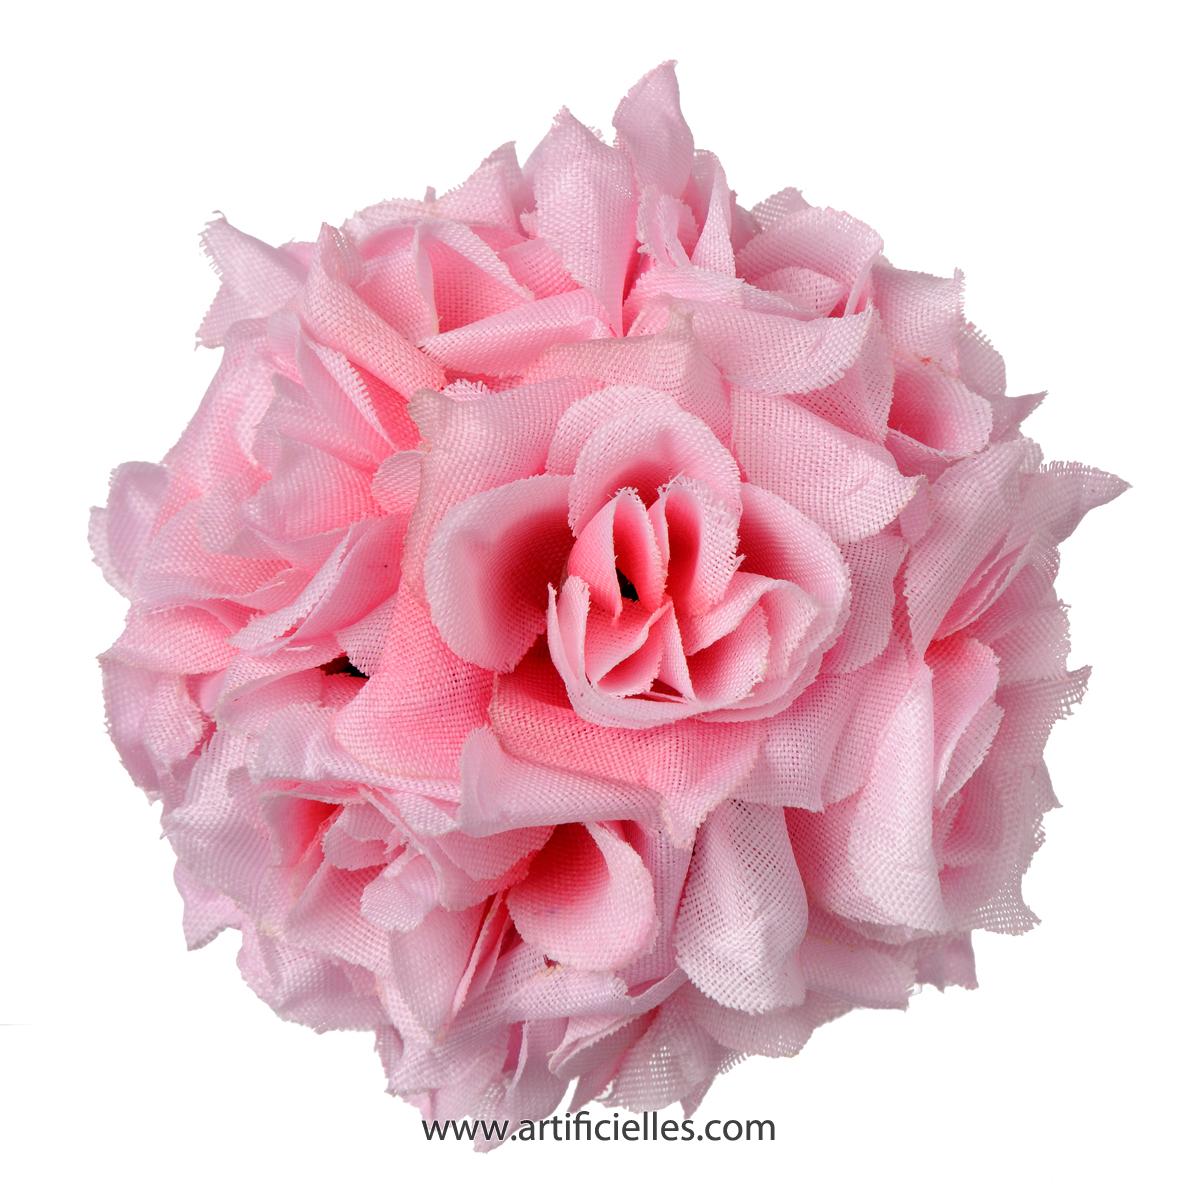 Fleurs artificielles plantes vertes et fleuries arbres artificiels bacs j - Fleurs artificielles pour mariage ...